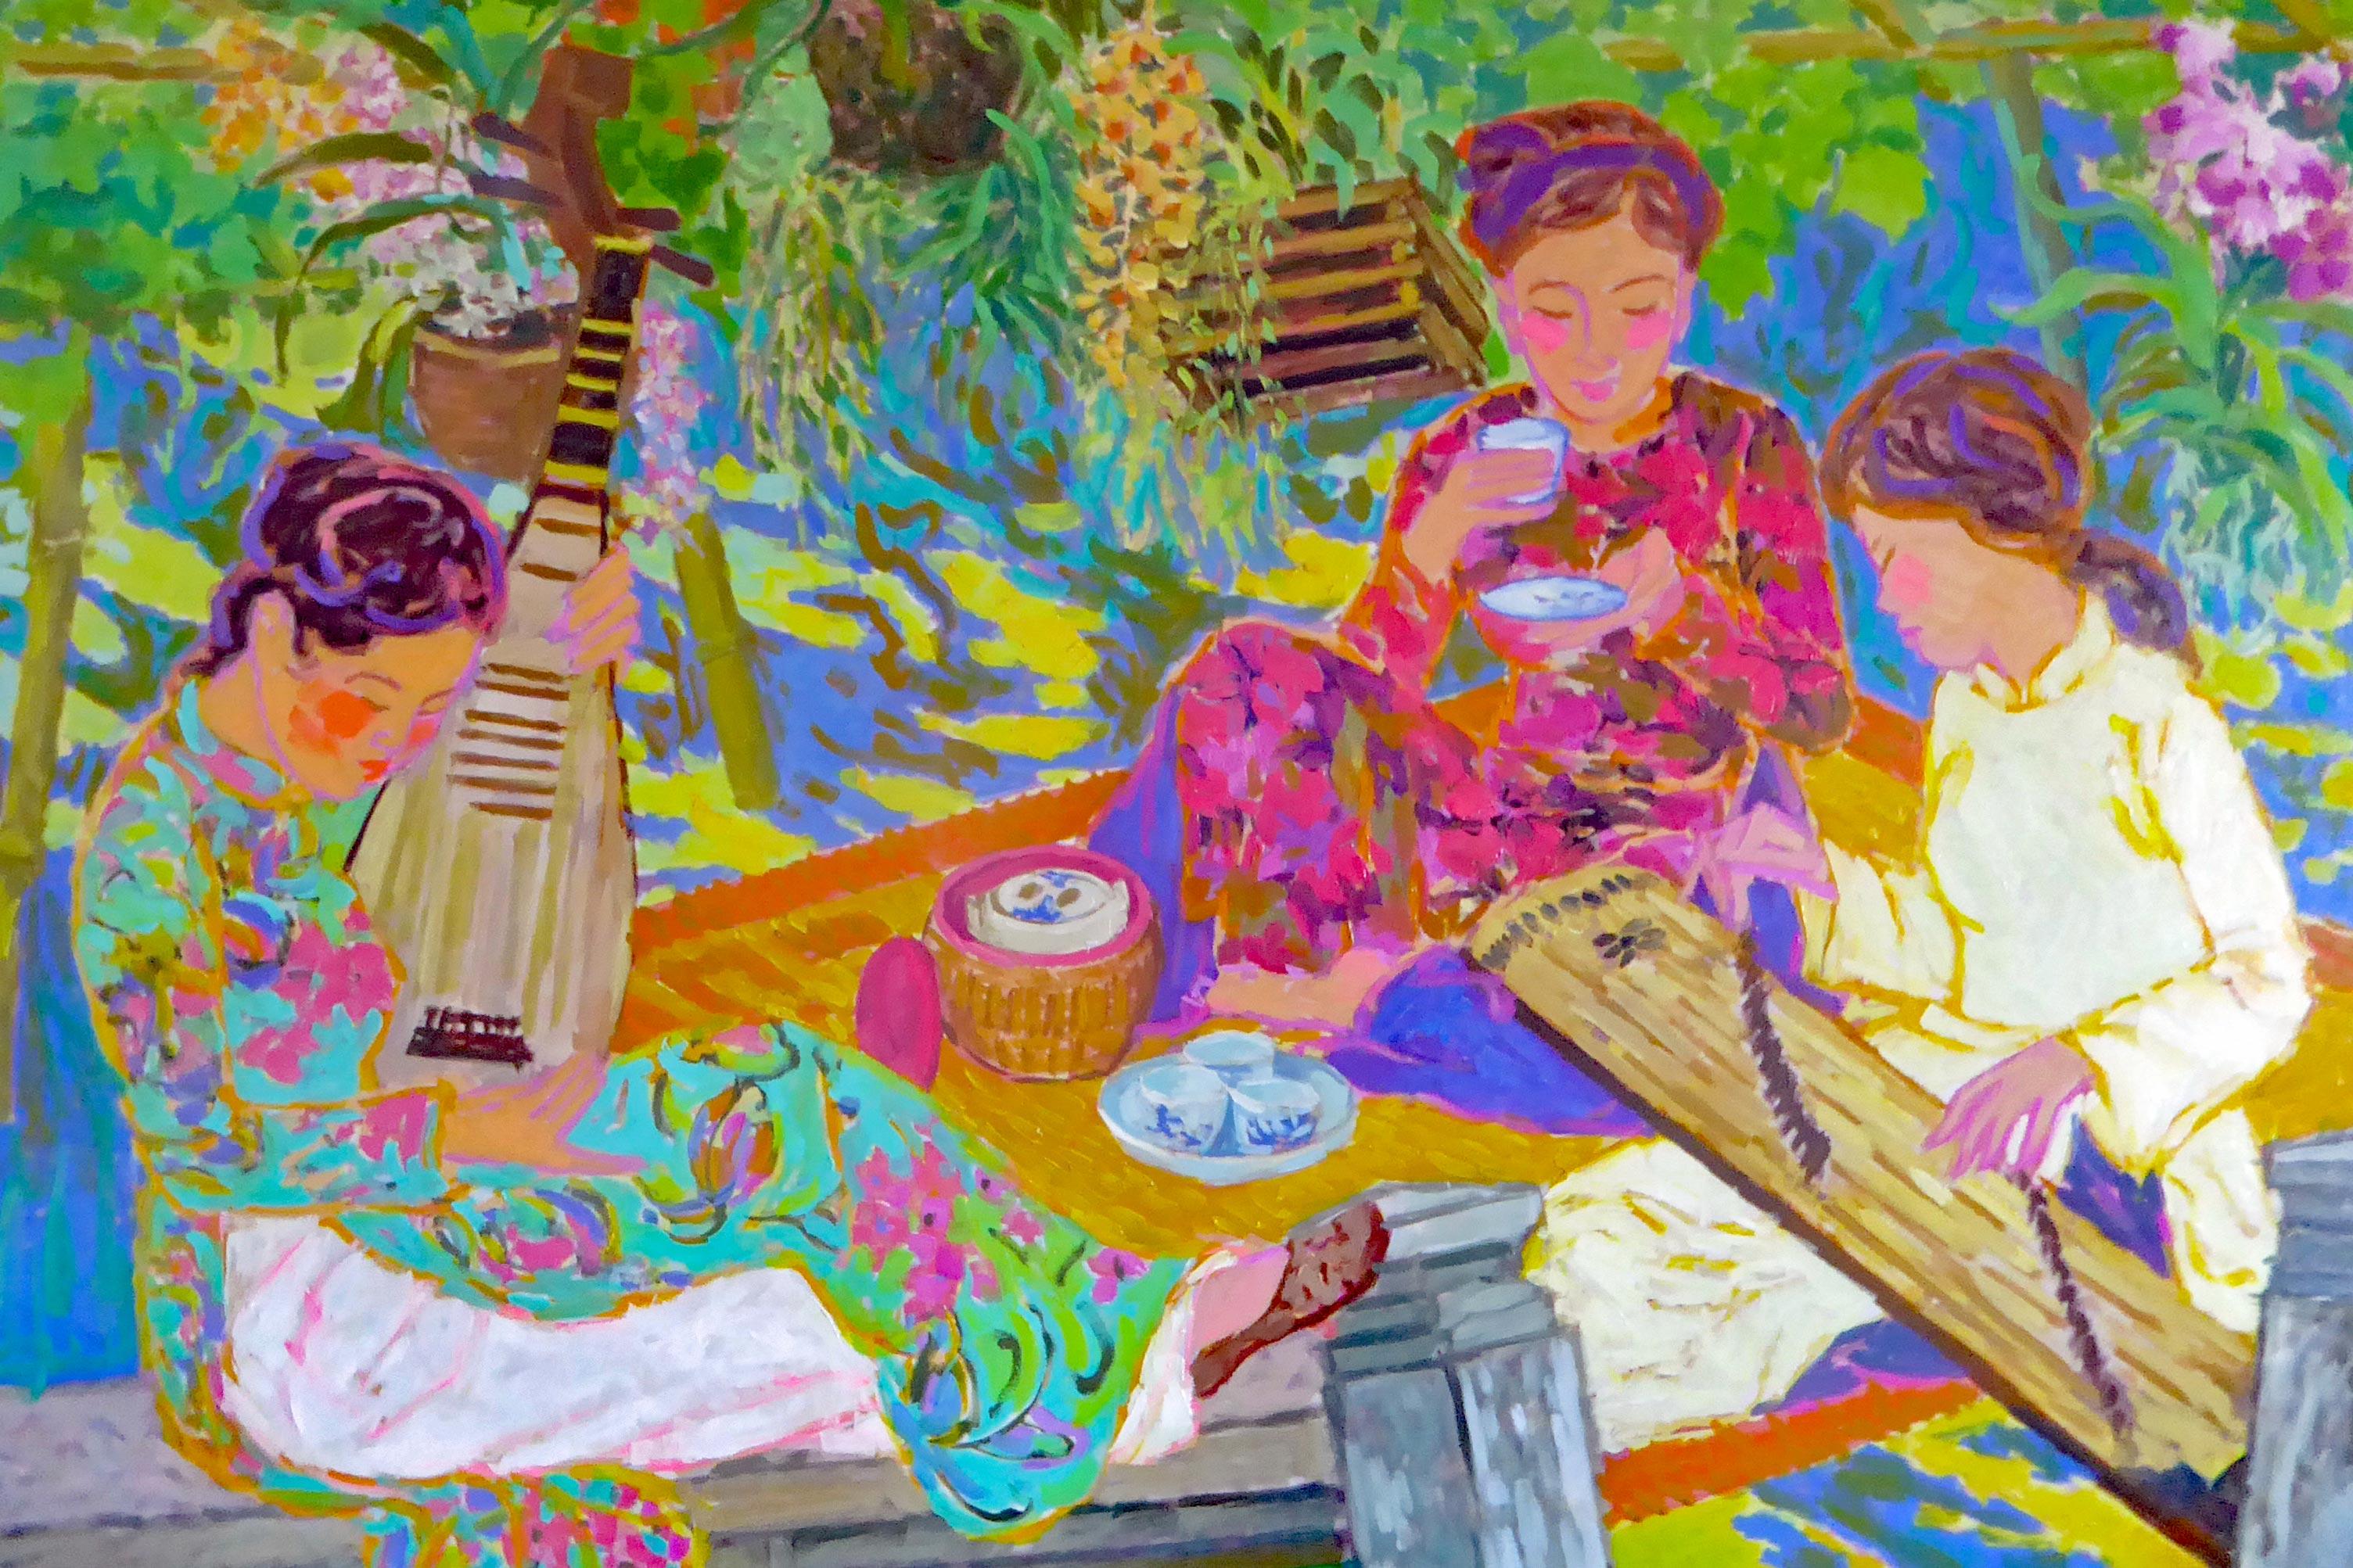 Tran Nguyen Dung